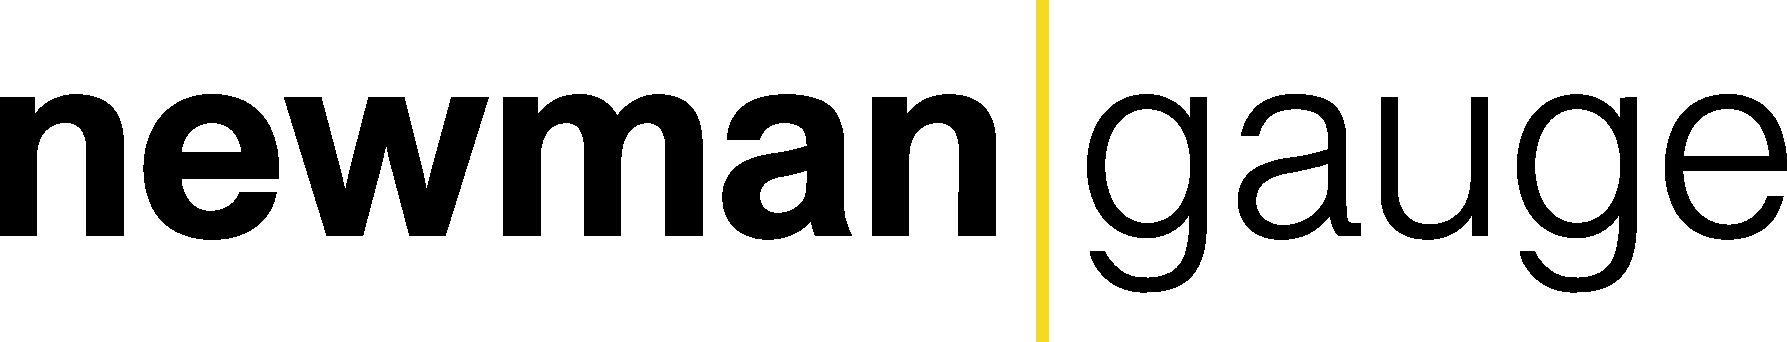 newman-gauge-logo-01.png